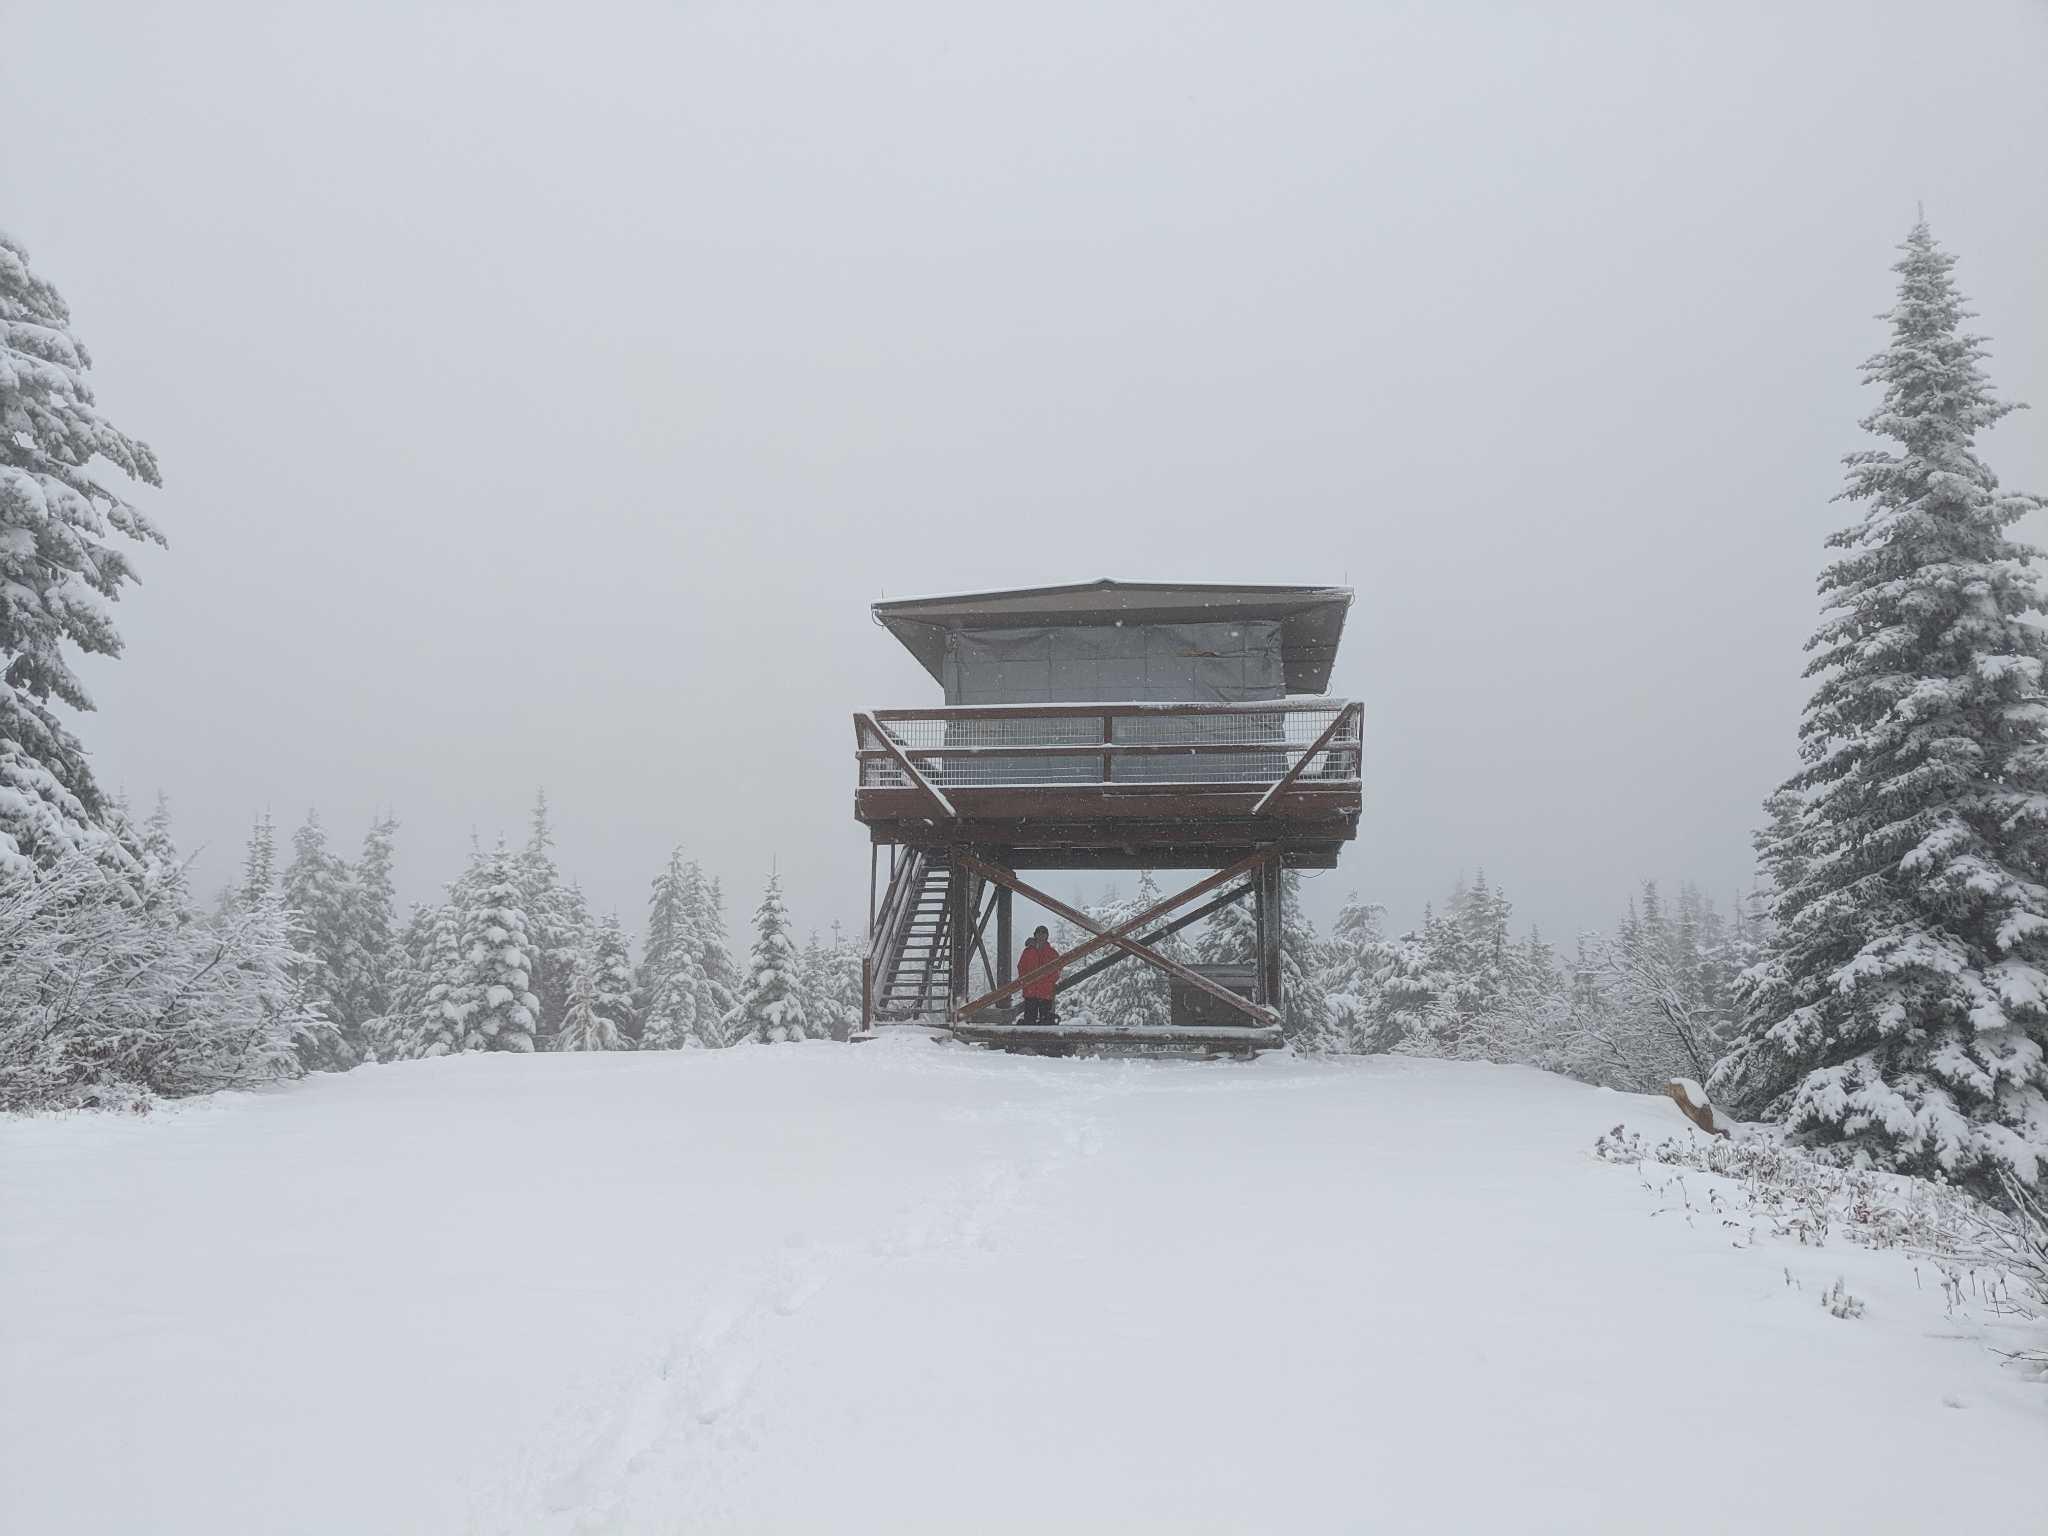 Mount Spokane State Park - Quartz Mountain by rachellemb